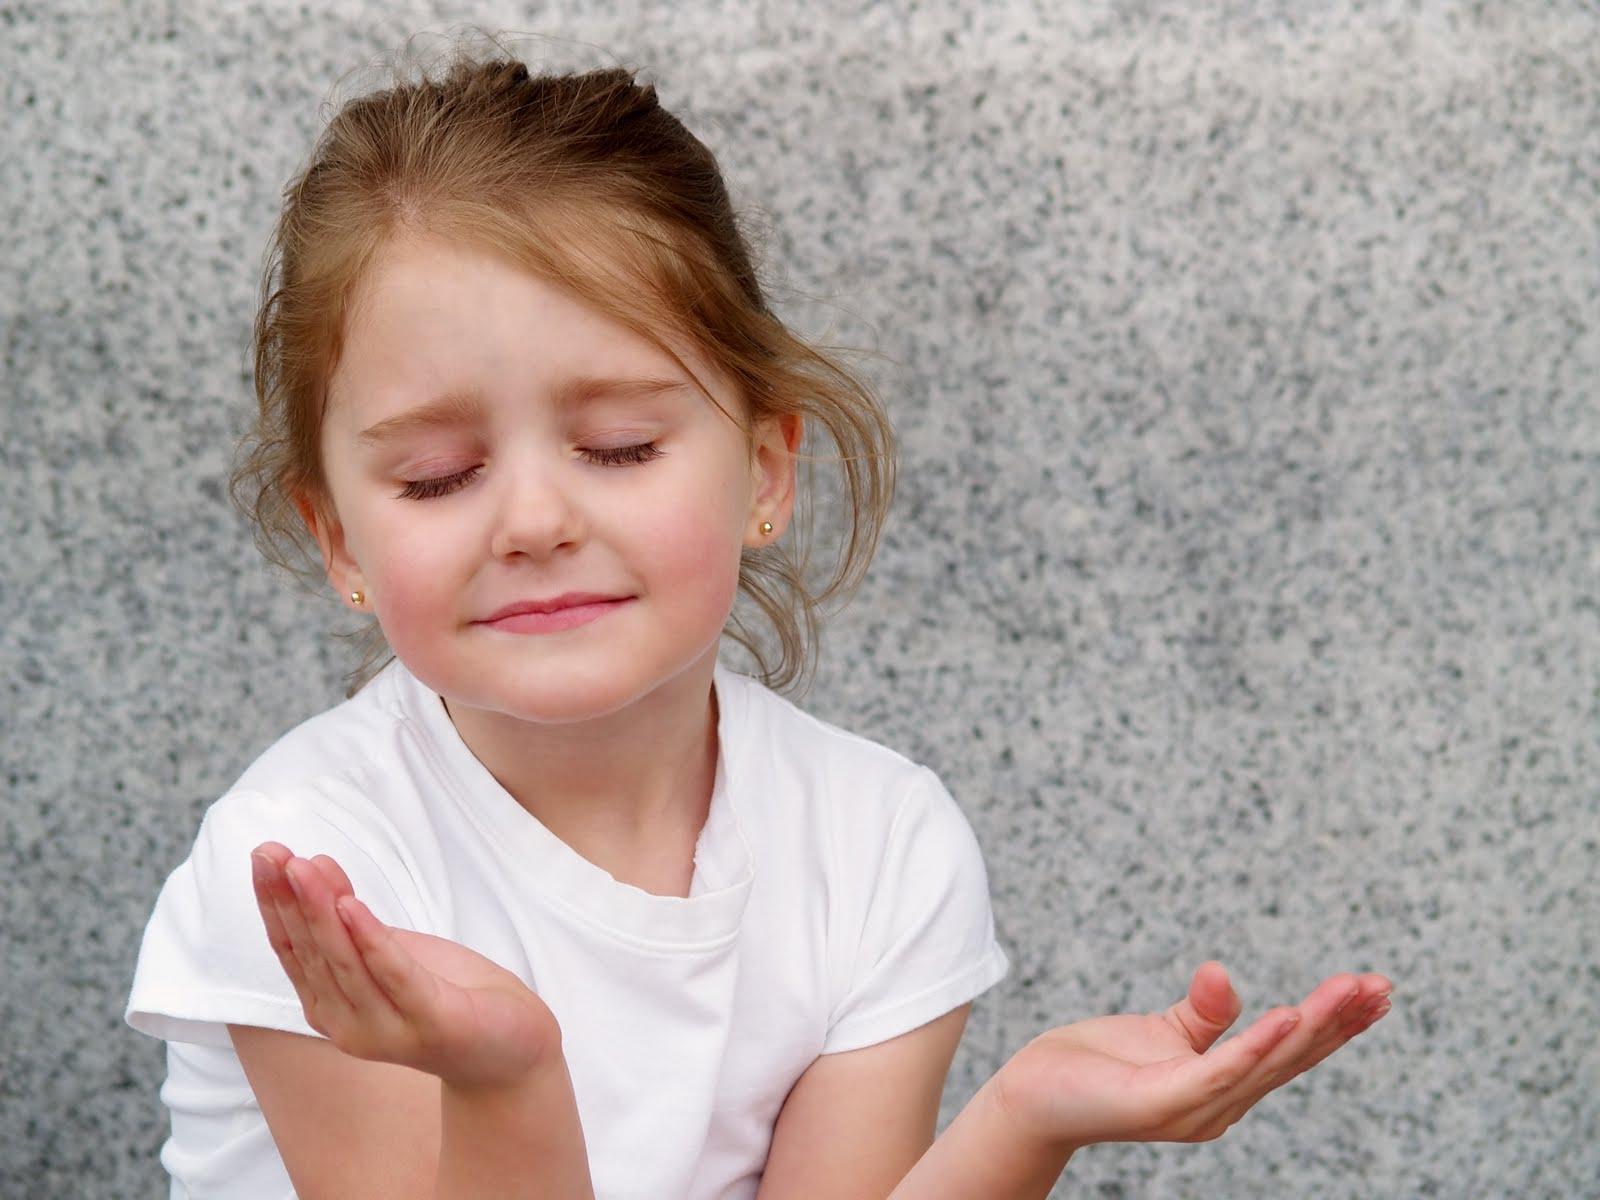 NIÑA-girl-praying